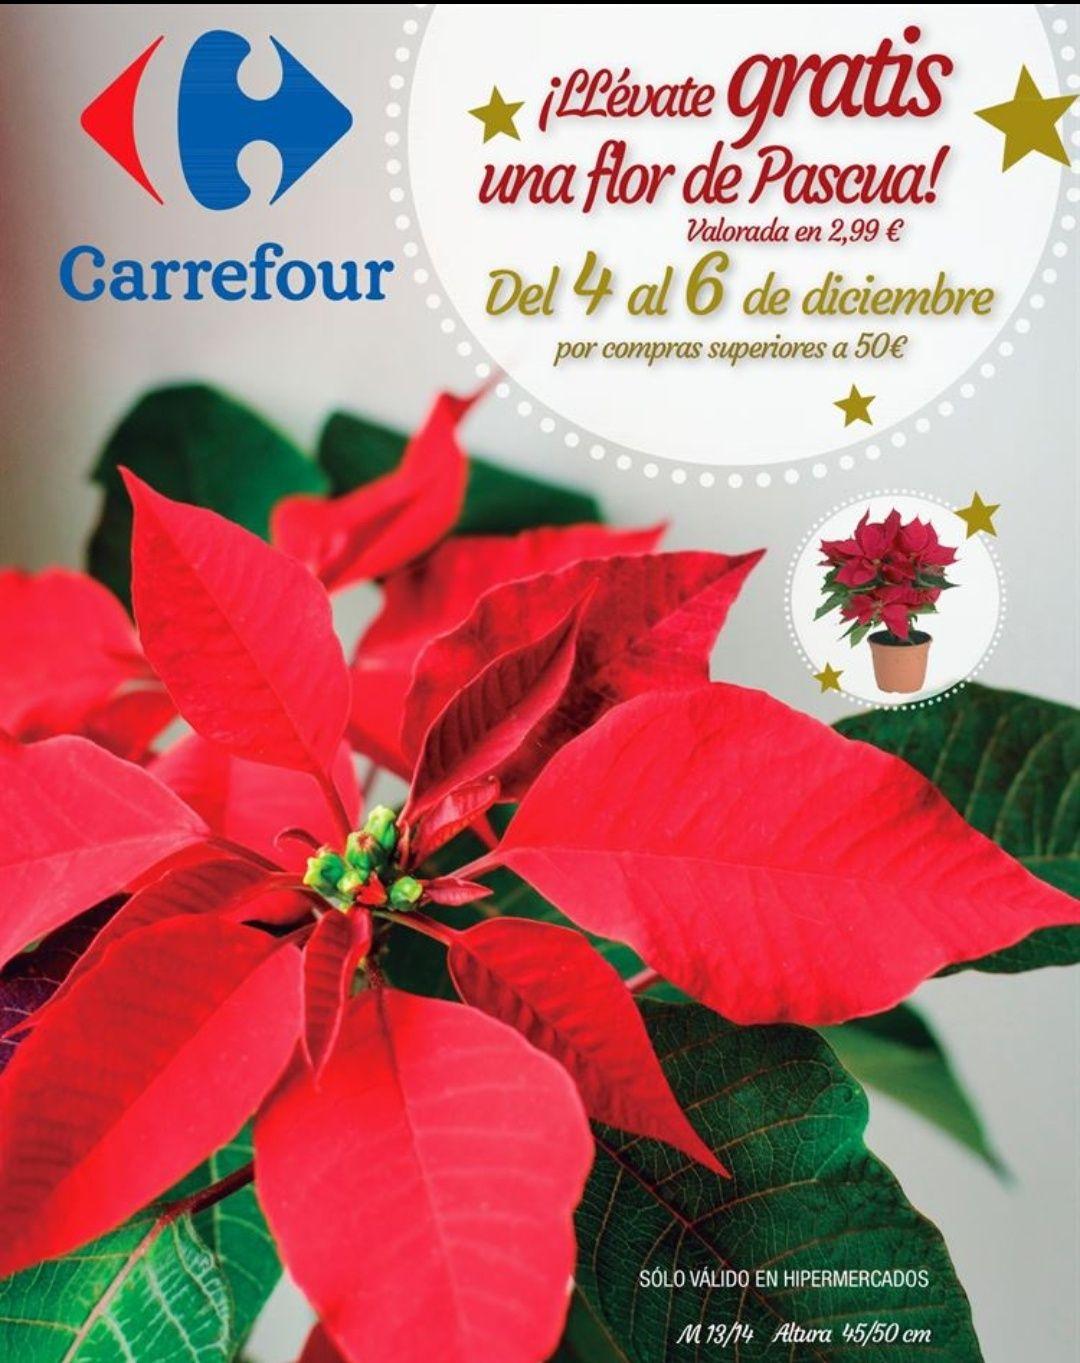 Flor de pascua de regalo por compras superiores a 50€